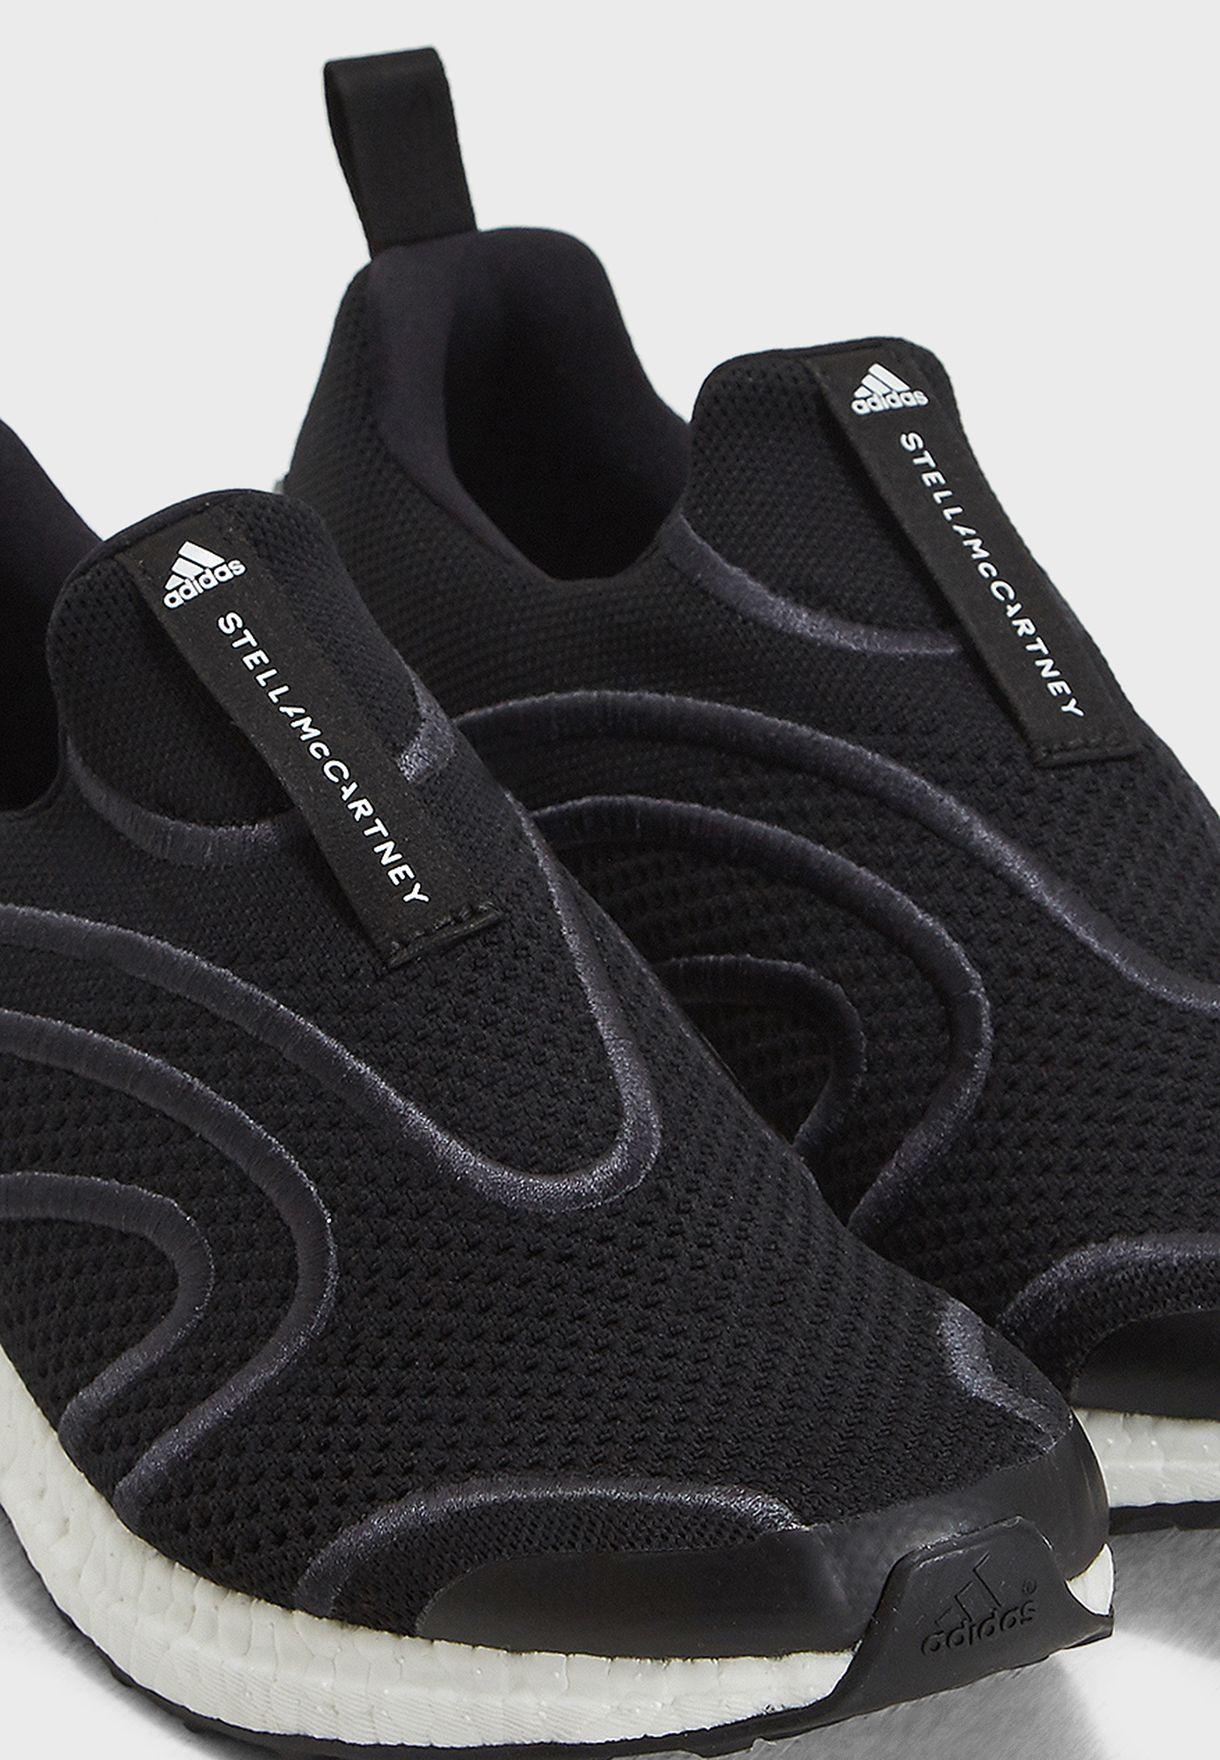 4018f82c645df Shop adidas by Stella McCartney black Ultraboost Uncaged BB6273 for ...